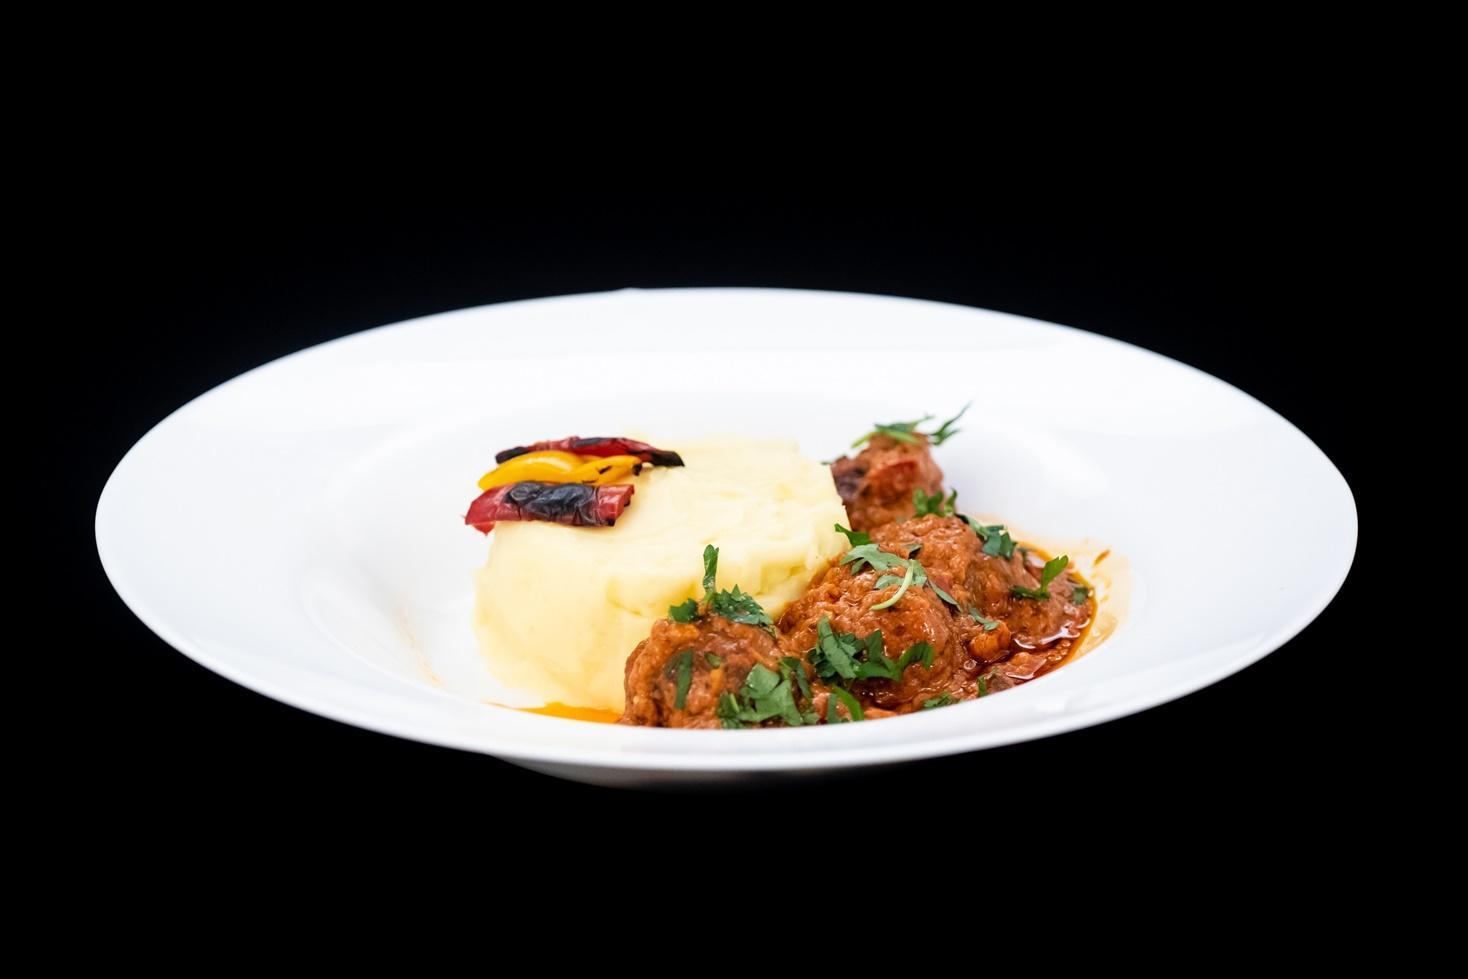 Rețeta spaniolă Albondigas con salsa de tomate. Rețetă de chiftele în sos de roșii